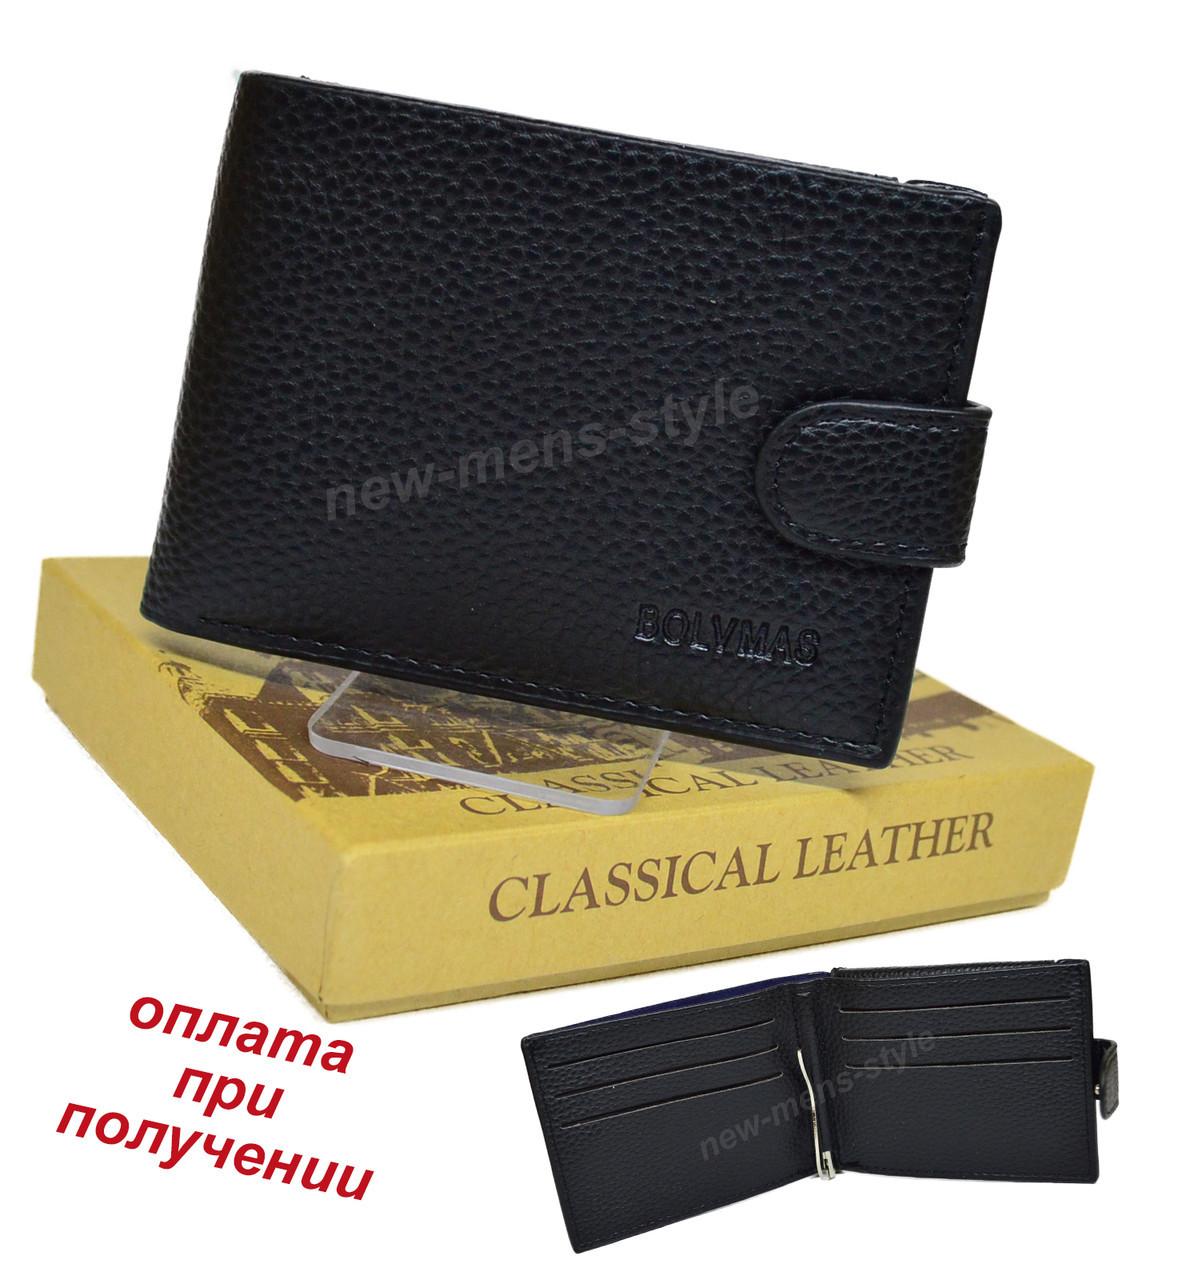 bb1c80154a3d Мужской кожаный шкіряний кошелек портмоне клипса зажим для денег BOLVMAS -  Bigl.ua